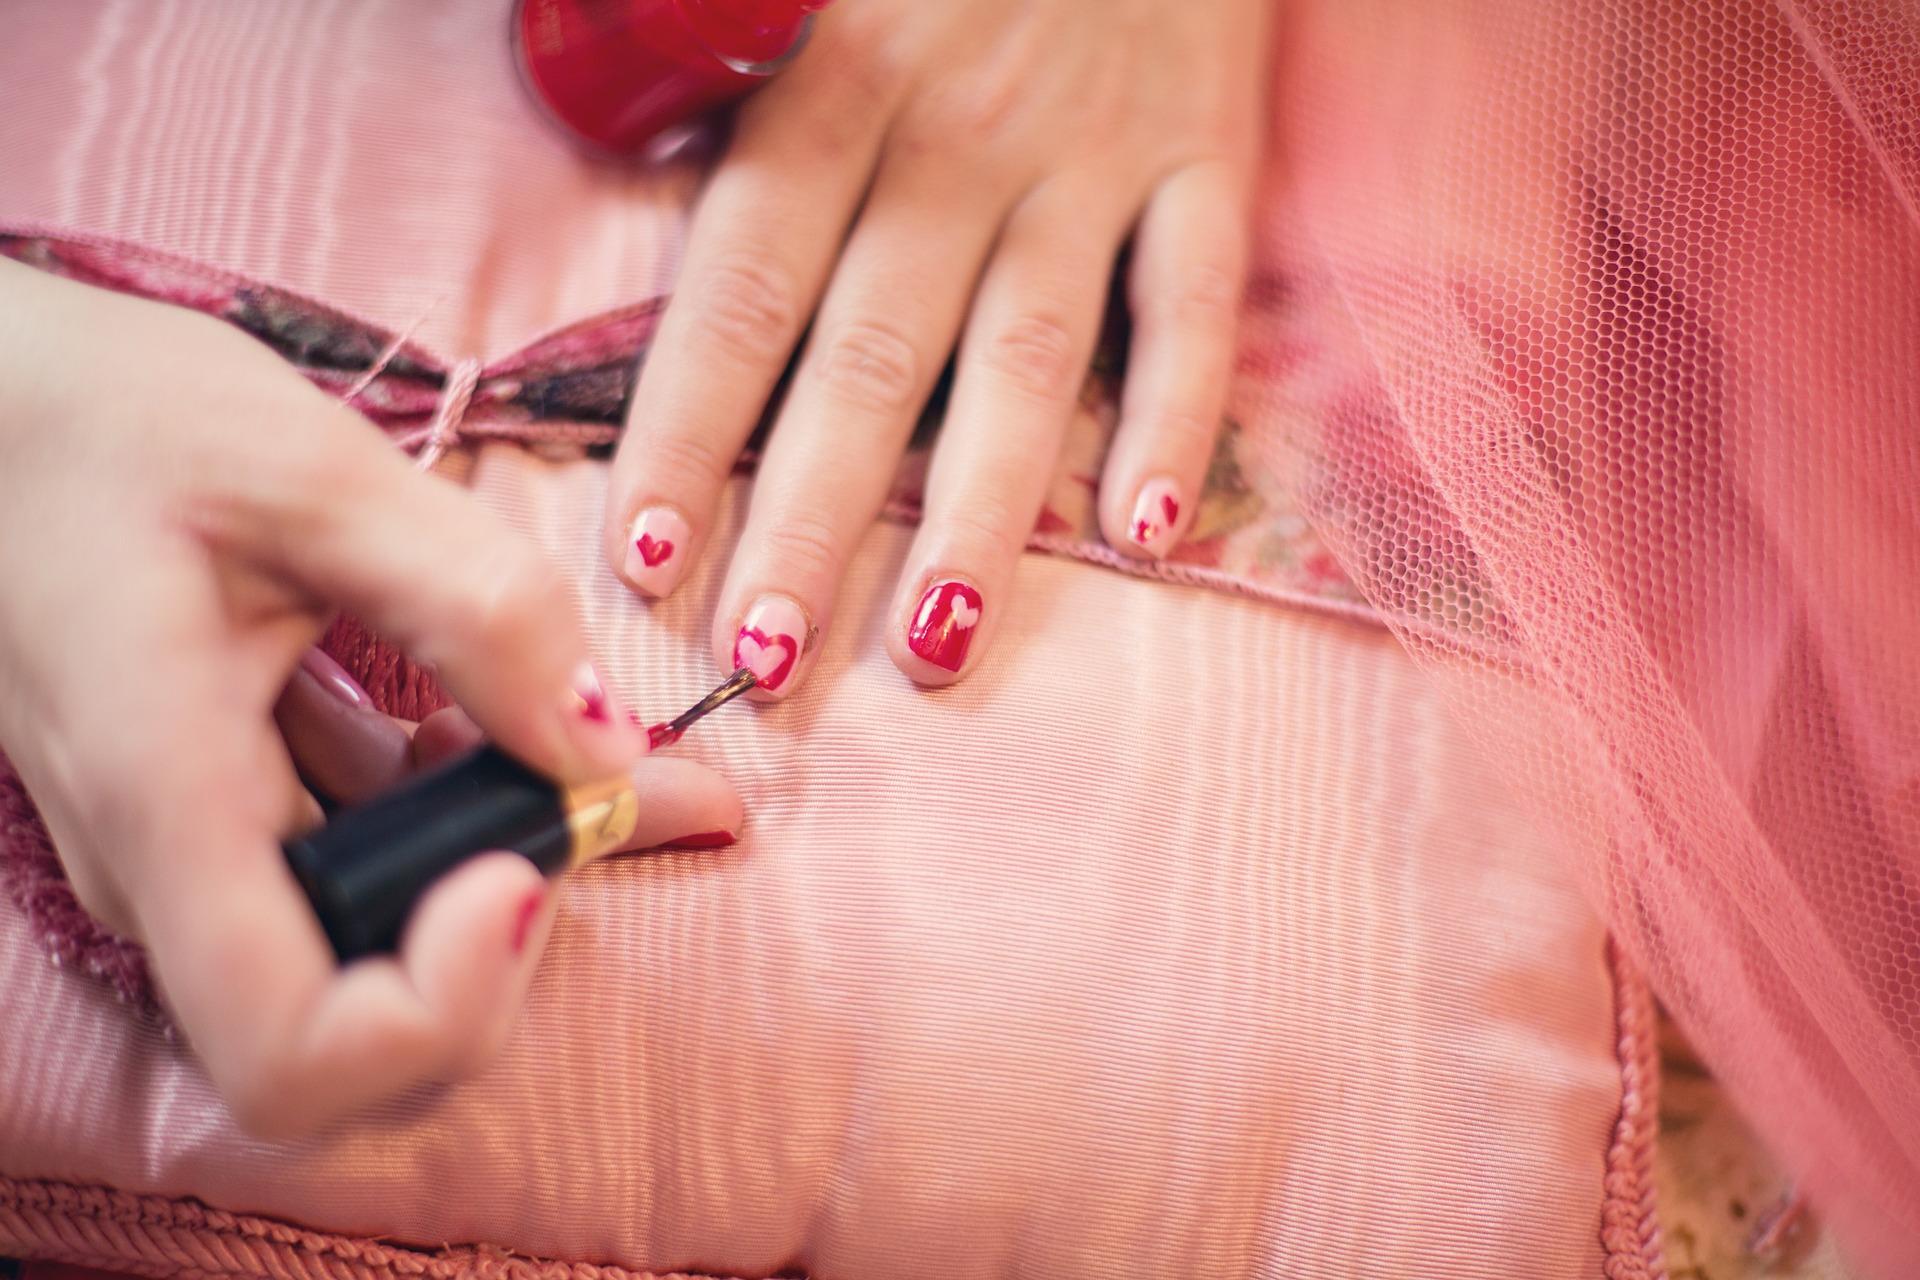 painting-fingernails-635261_1920